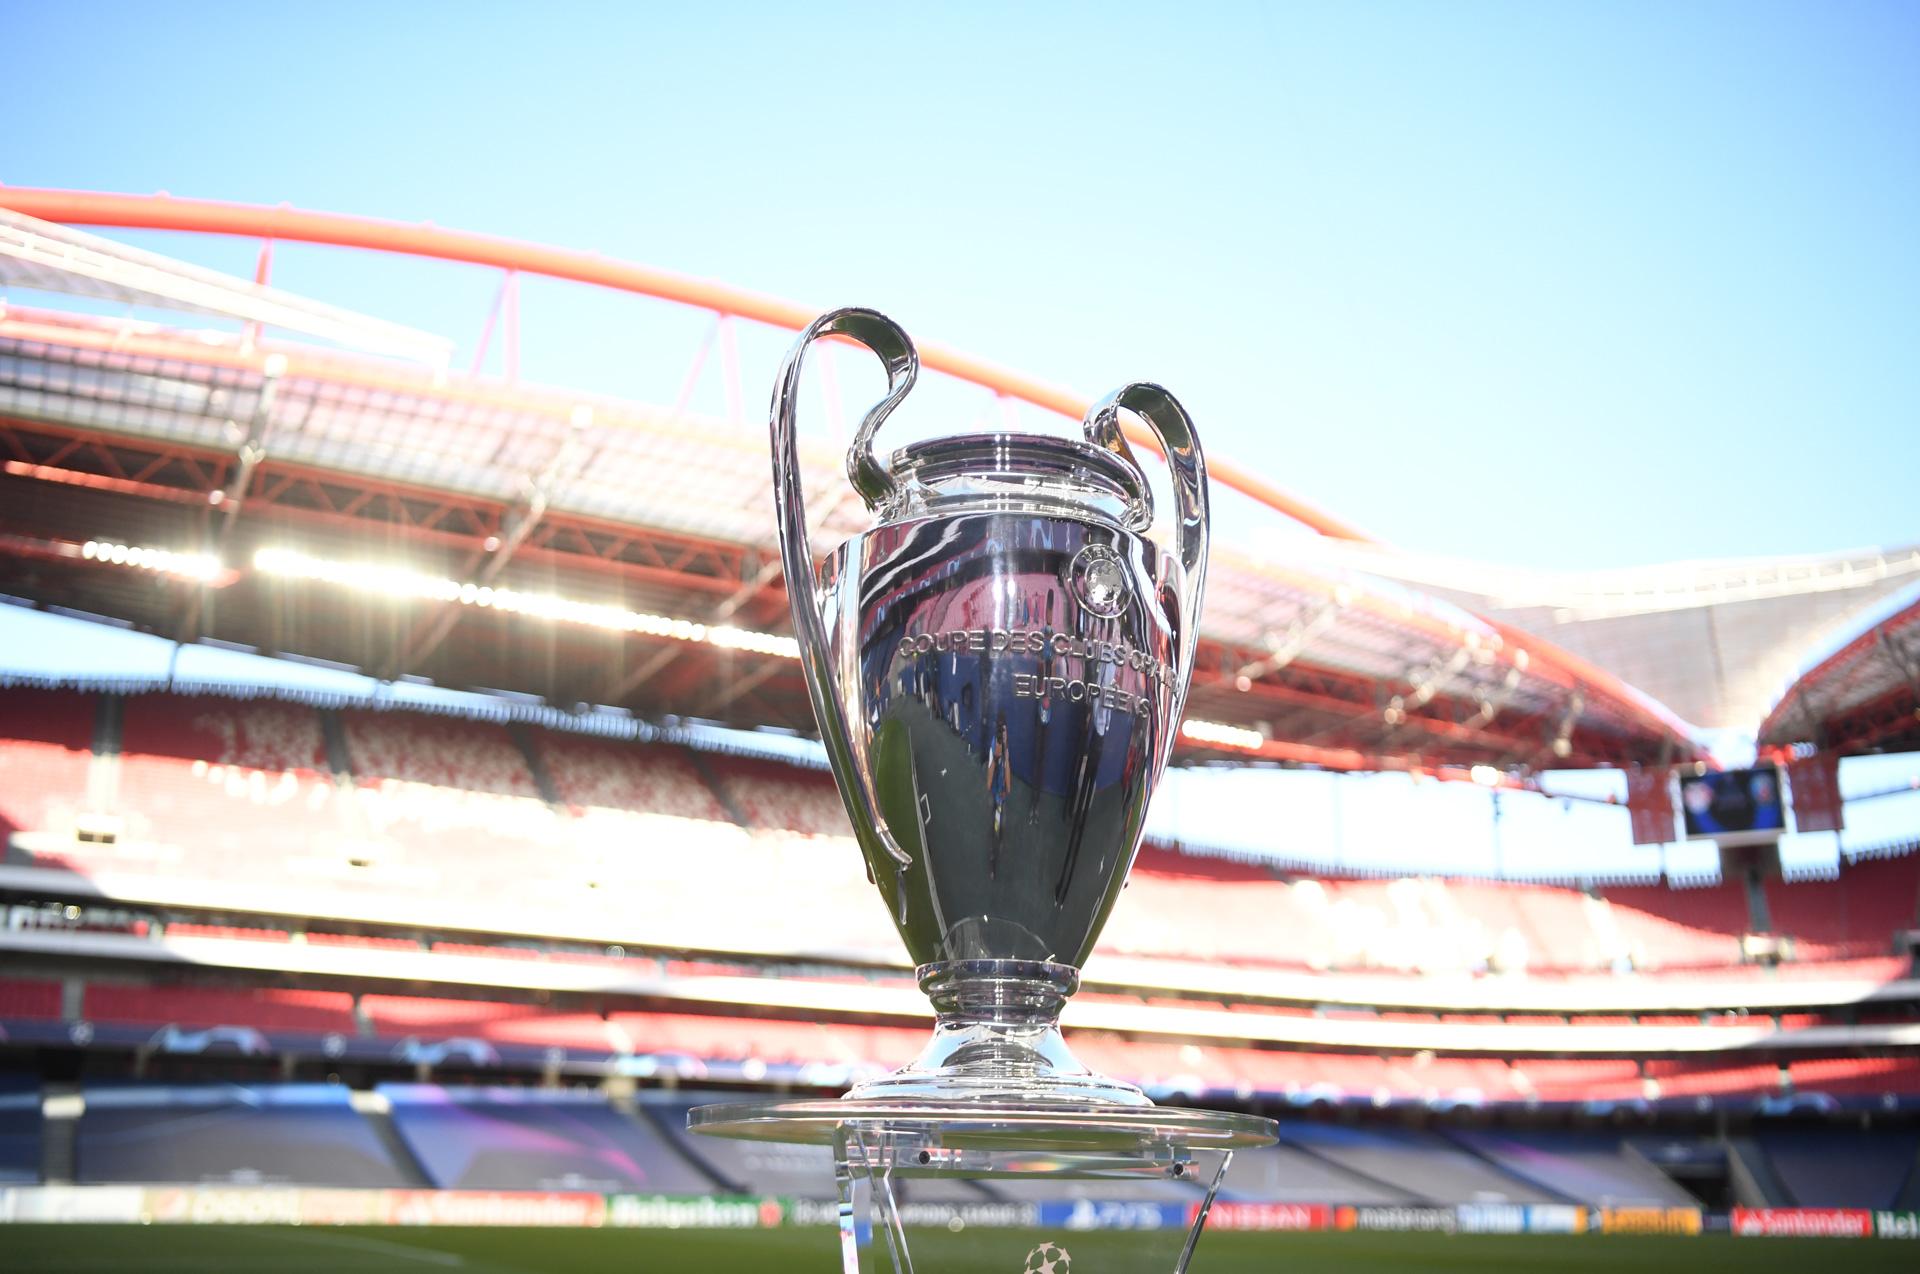 欧州スーパーリーグ構想とスーパーCL構想、何がどう違うのか ...